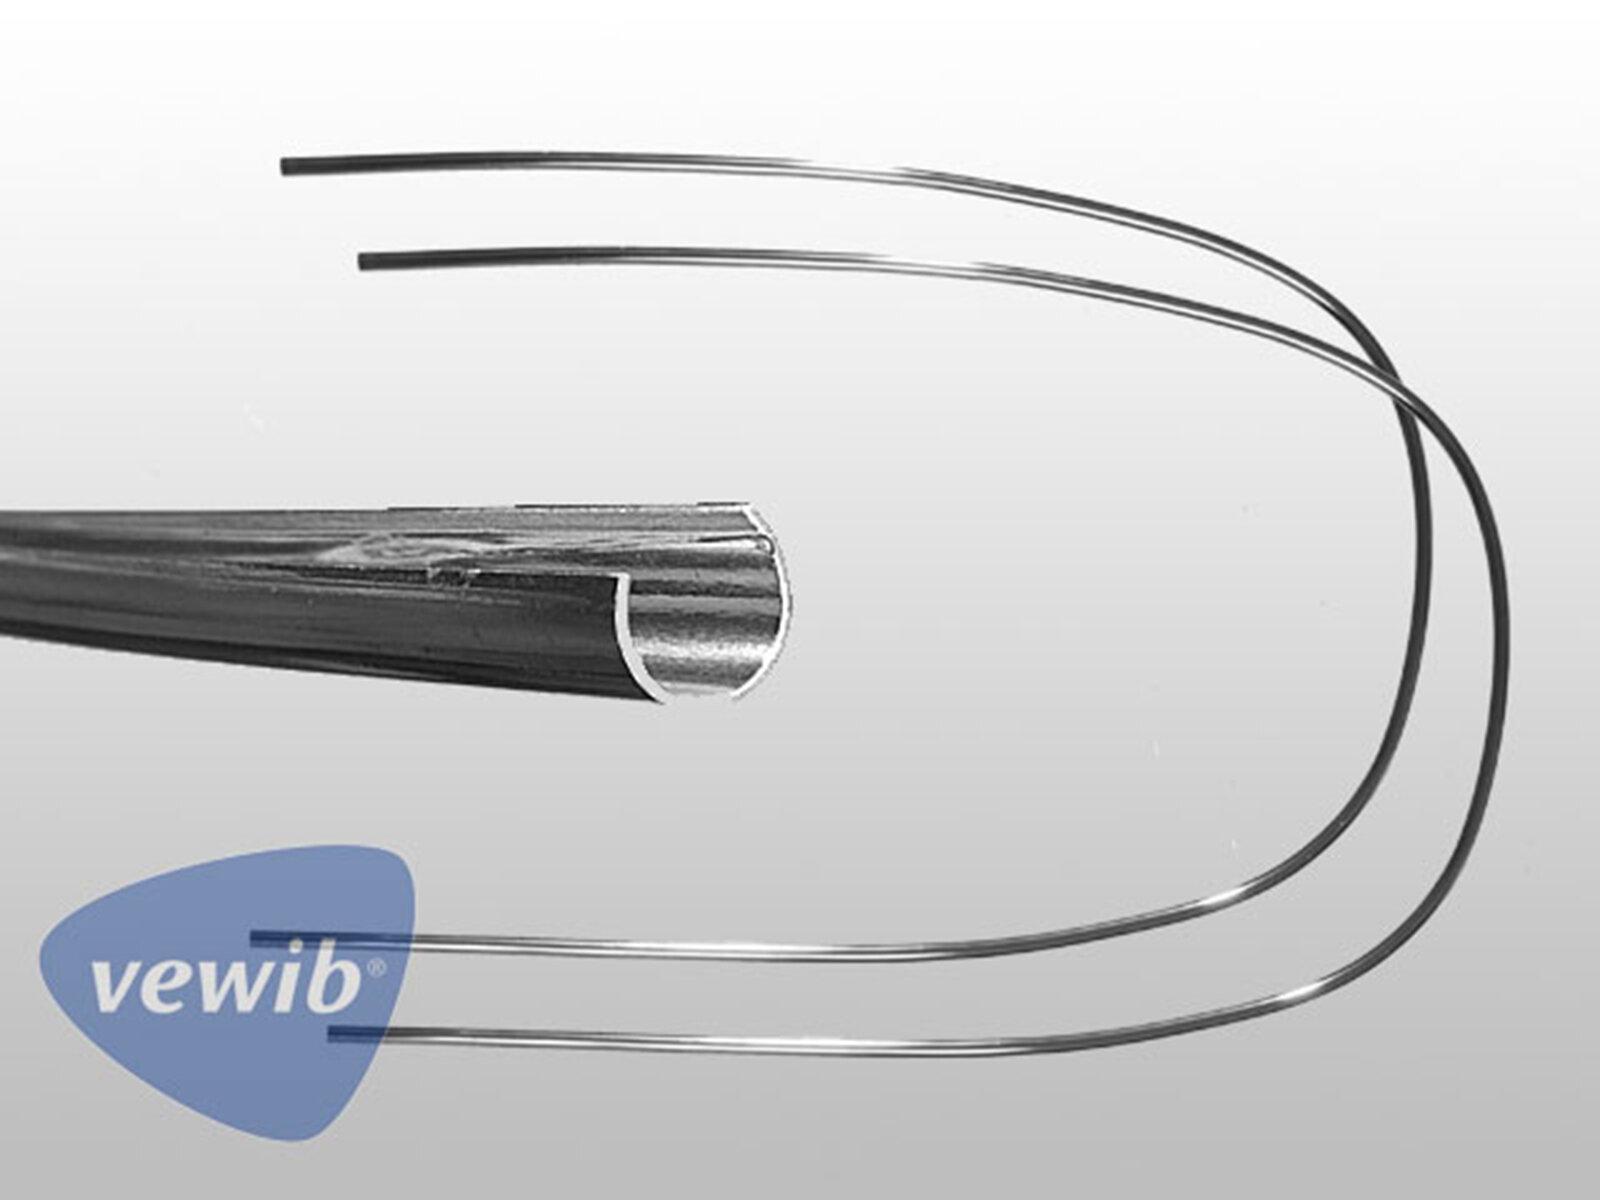 Chrom Zierrahmen-Hälften für VW Käfer-Cabrio Heckscheibe 63-74